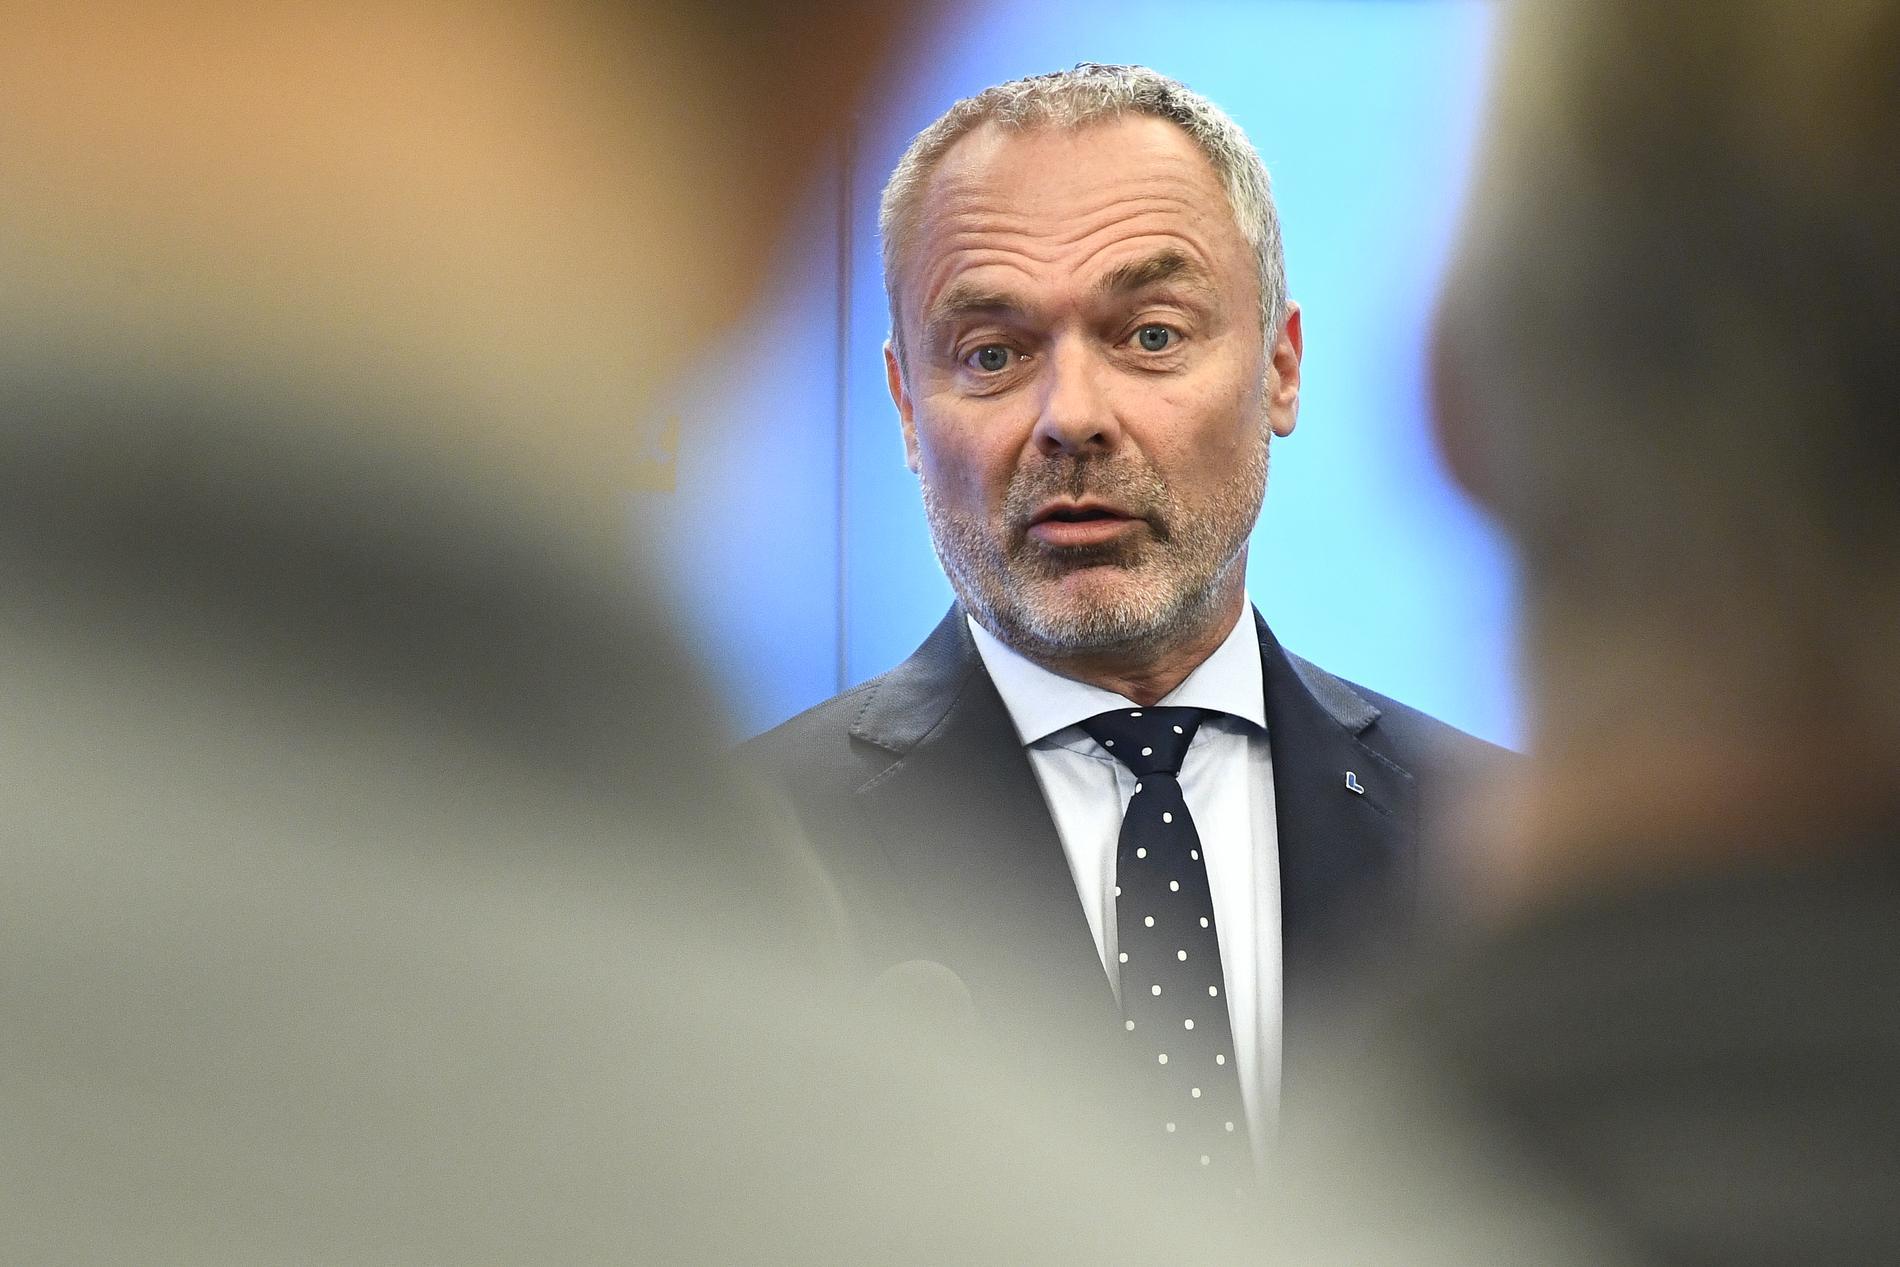 Jan Björklund kläms från flera håll i den utdragna frågan om vem som ska bilda Sveriges nästa regering. Arkivbild